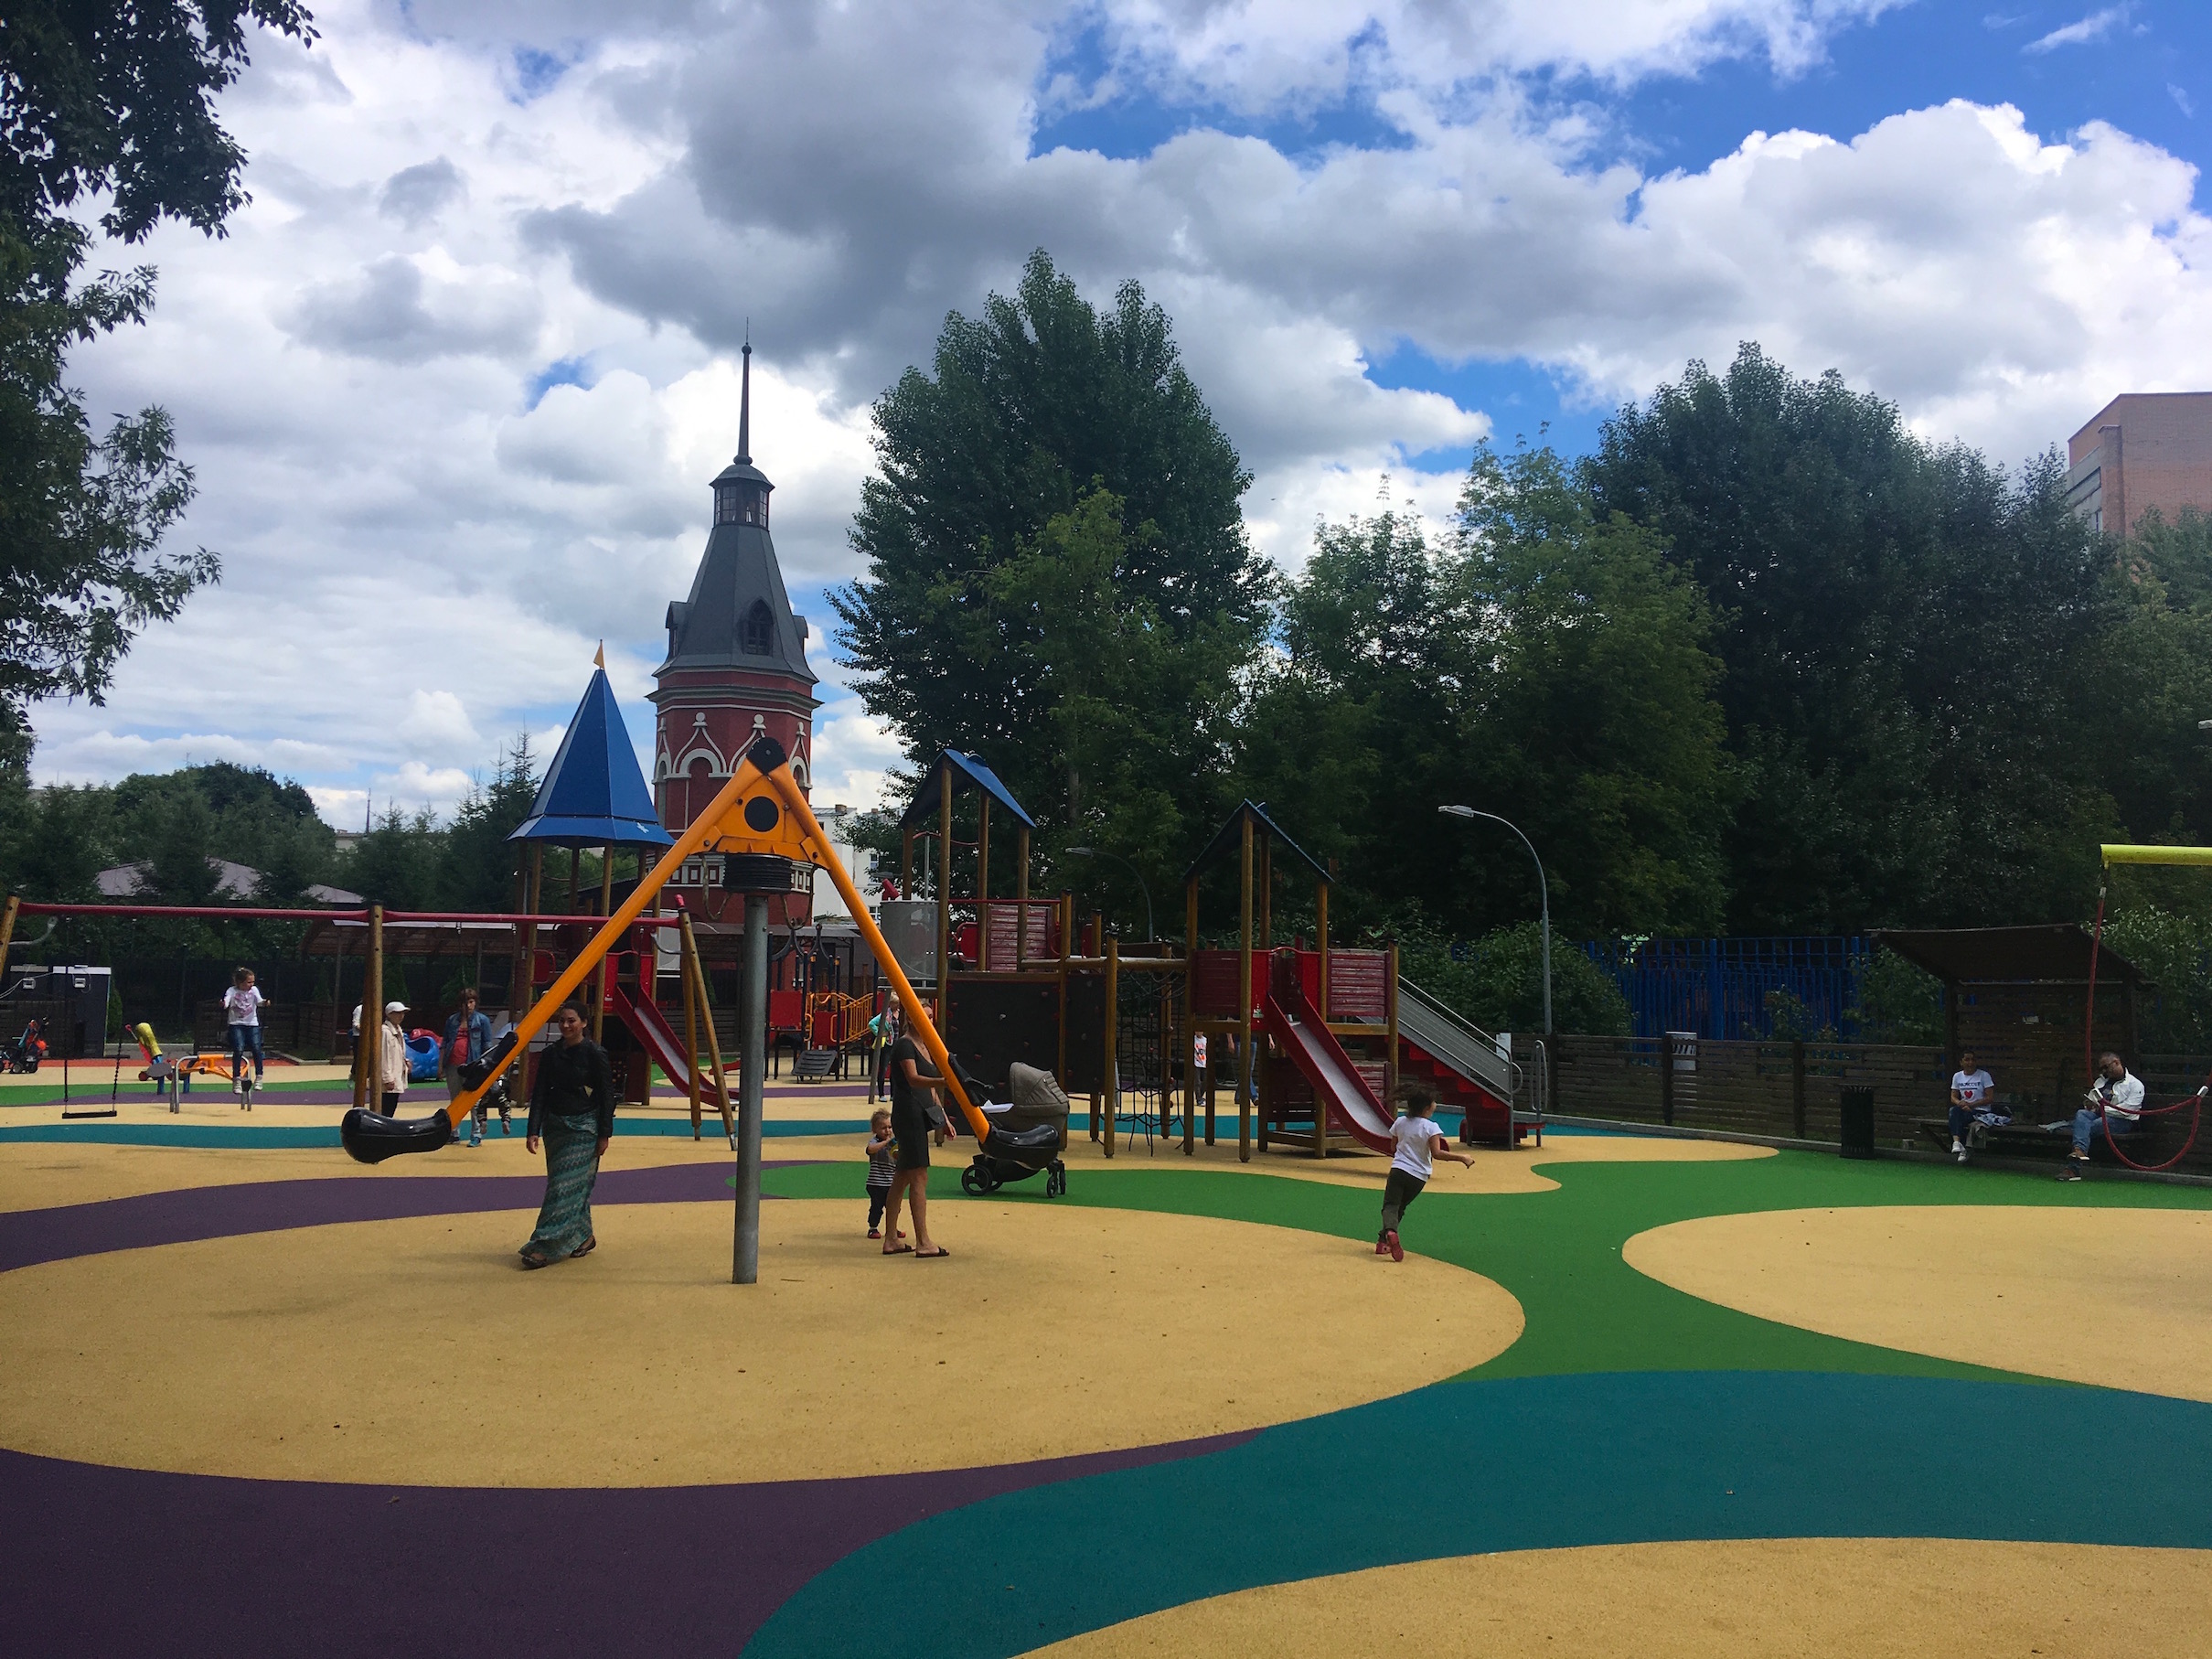 Покрытия детских площадок в парке Таганс